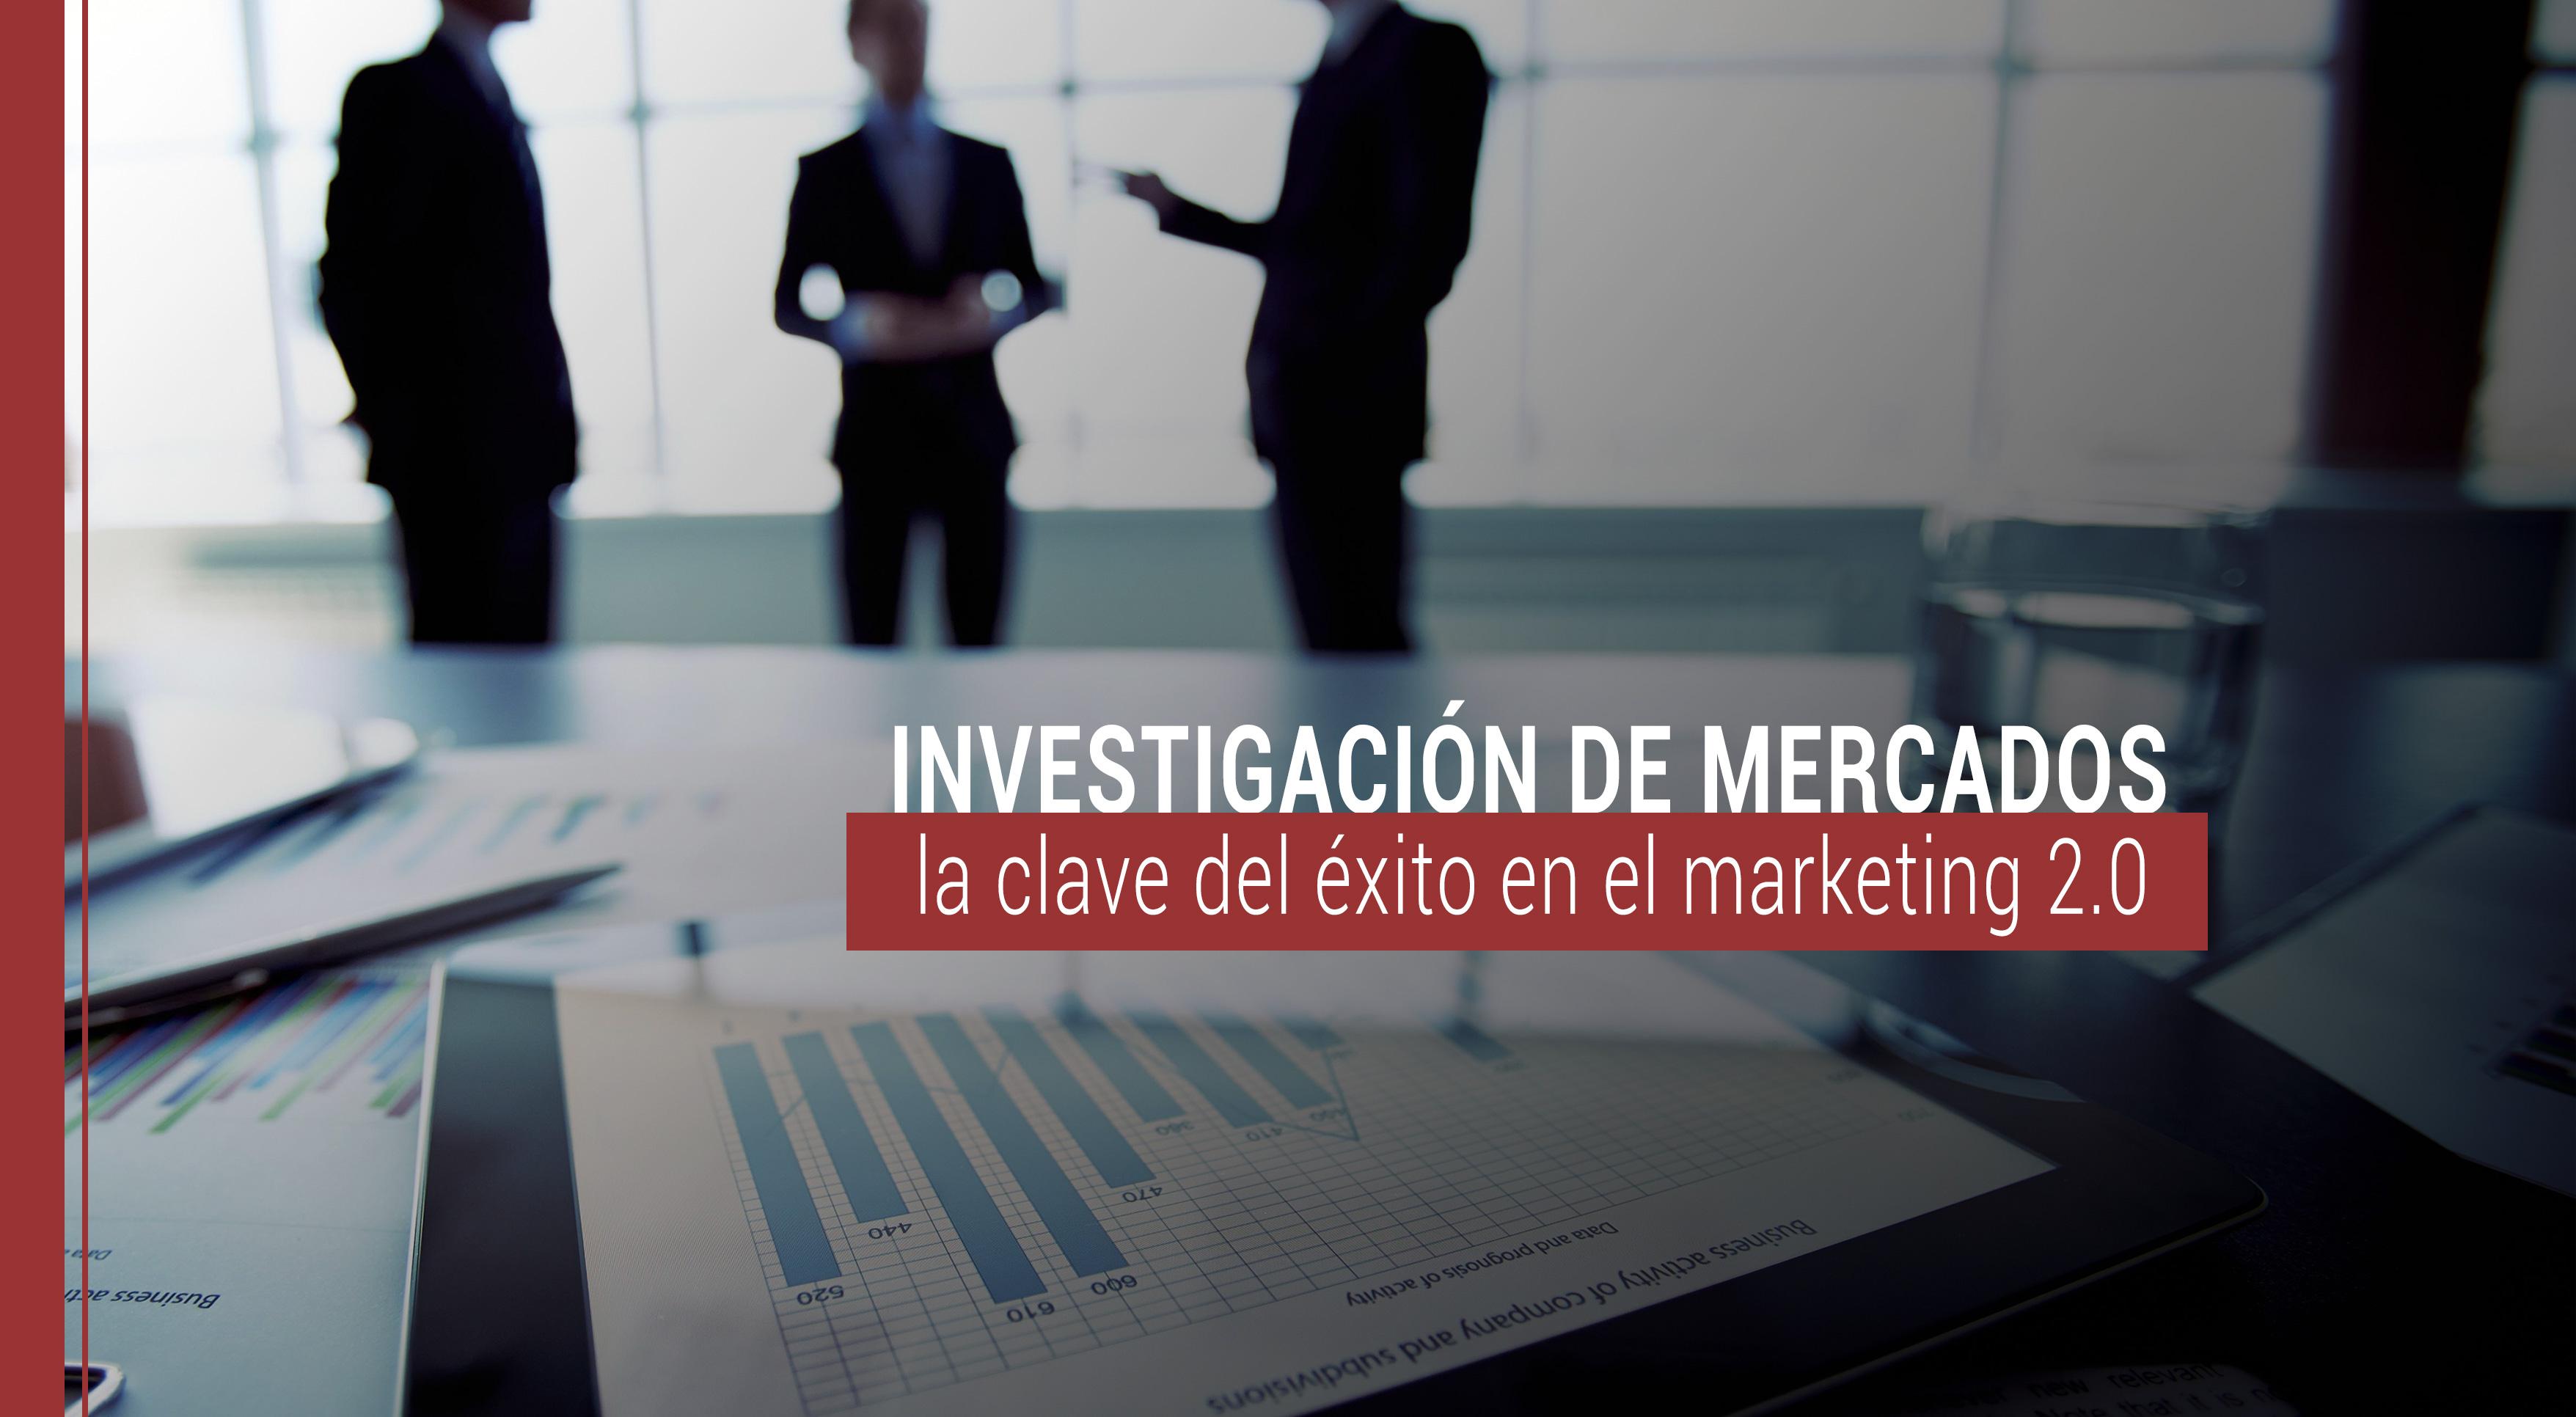 la investigacion de mercados en el marketing 2.0